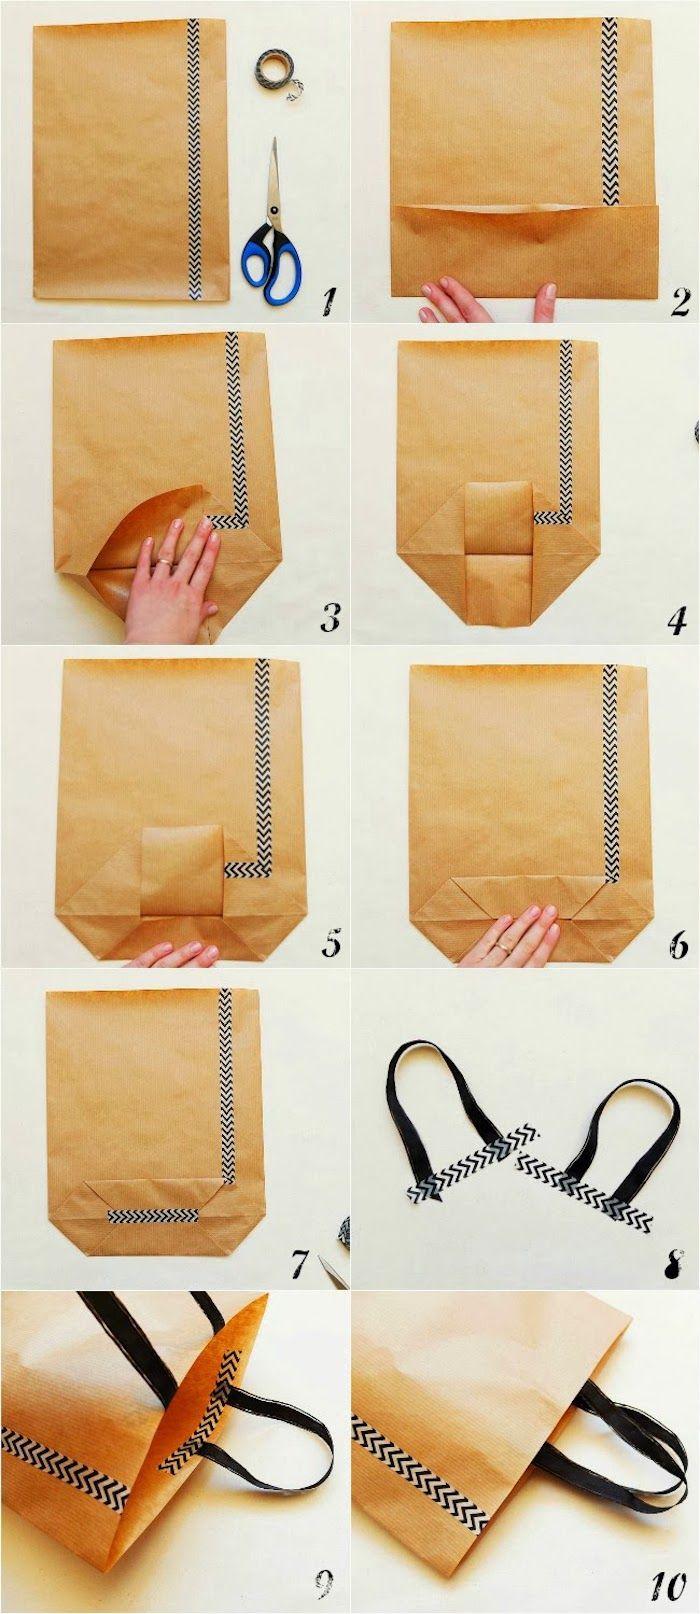 ▷ 1001 + Crea ideas e imágenes sobre bolsas de papel